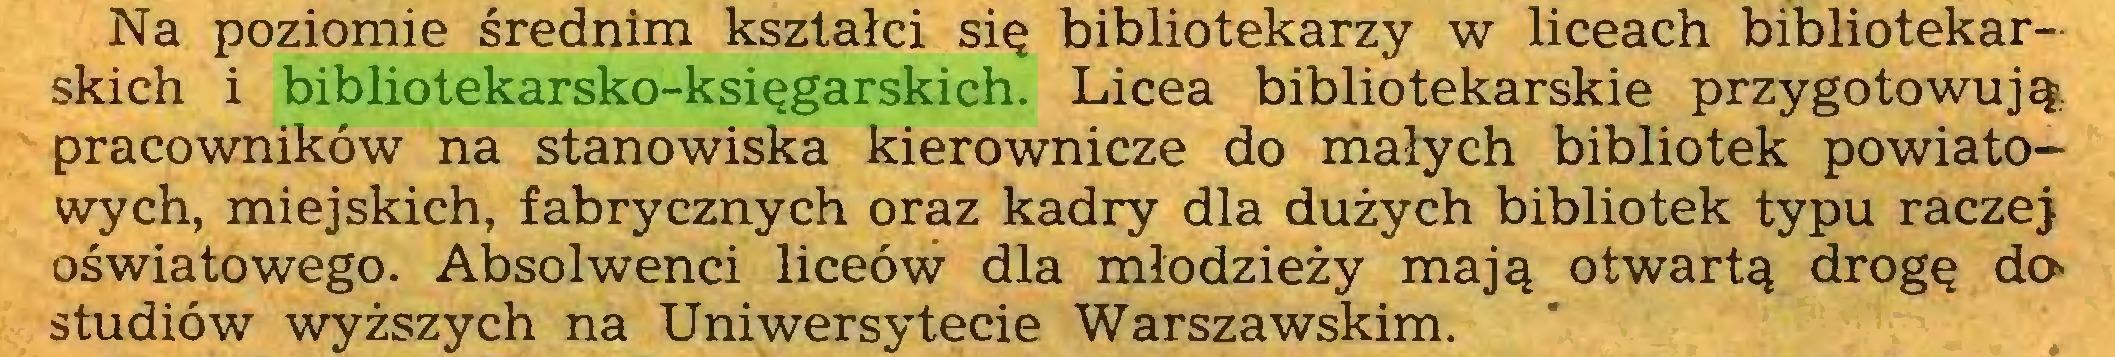 (...) Na poziomie średnim kształci się bibliotekarzy w liceach bibliotekarskich i bibliotekarsko-księgarskich. Licea bibliotekarskie przygotowują, pracowników na stanowiska kierownicze do małych bibliotek powiatowych, miejskich, fabrycznych oraz kadry dla dużych bibliotek typu raczej oświatowego. Absolwenci liceów dla młodzieży mają otwartą drogę da studiów wyższych na Uniwersytecie Warszawskim...